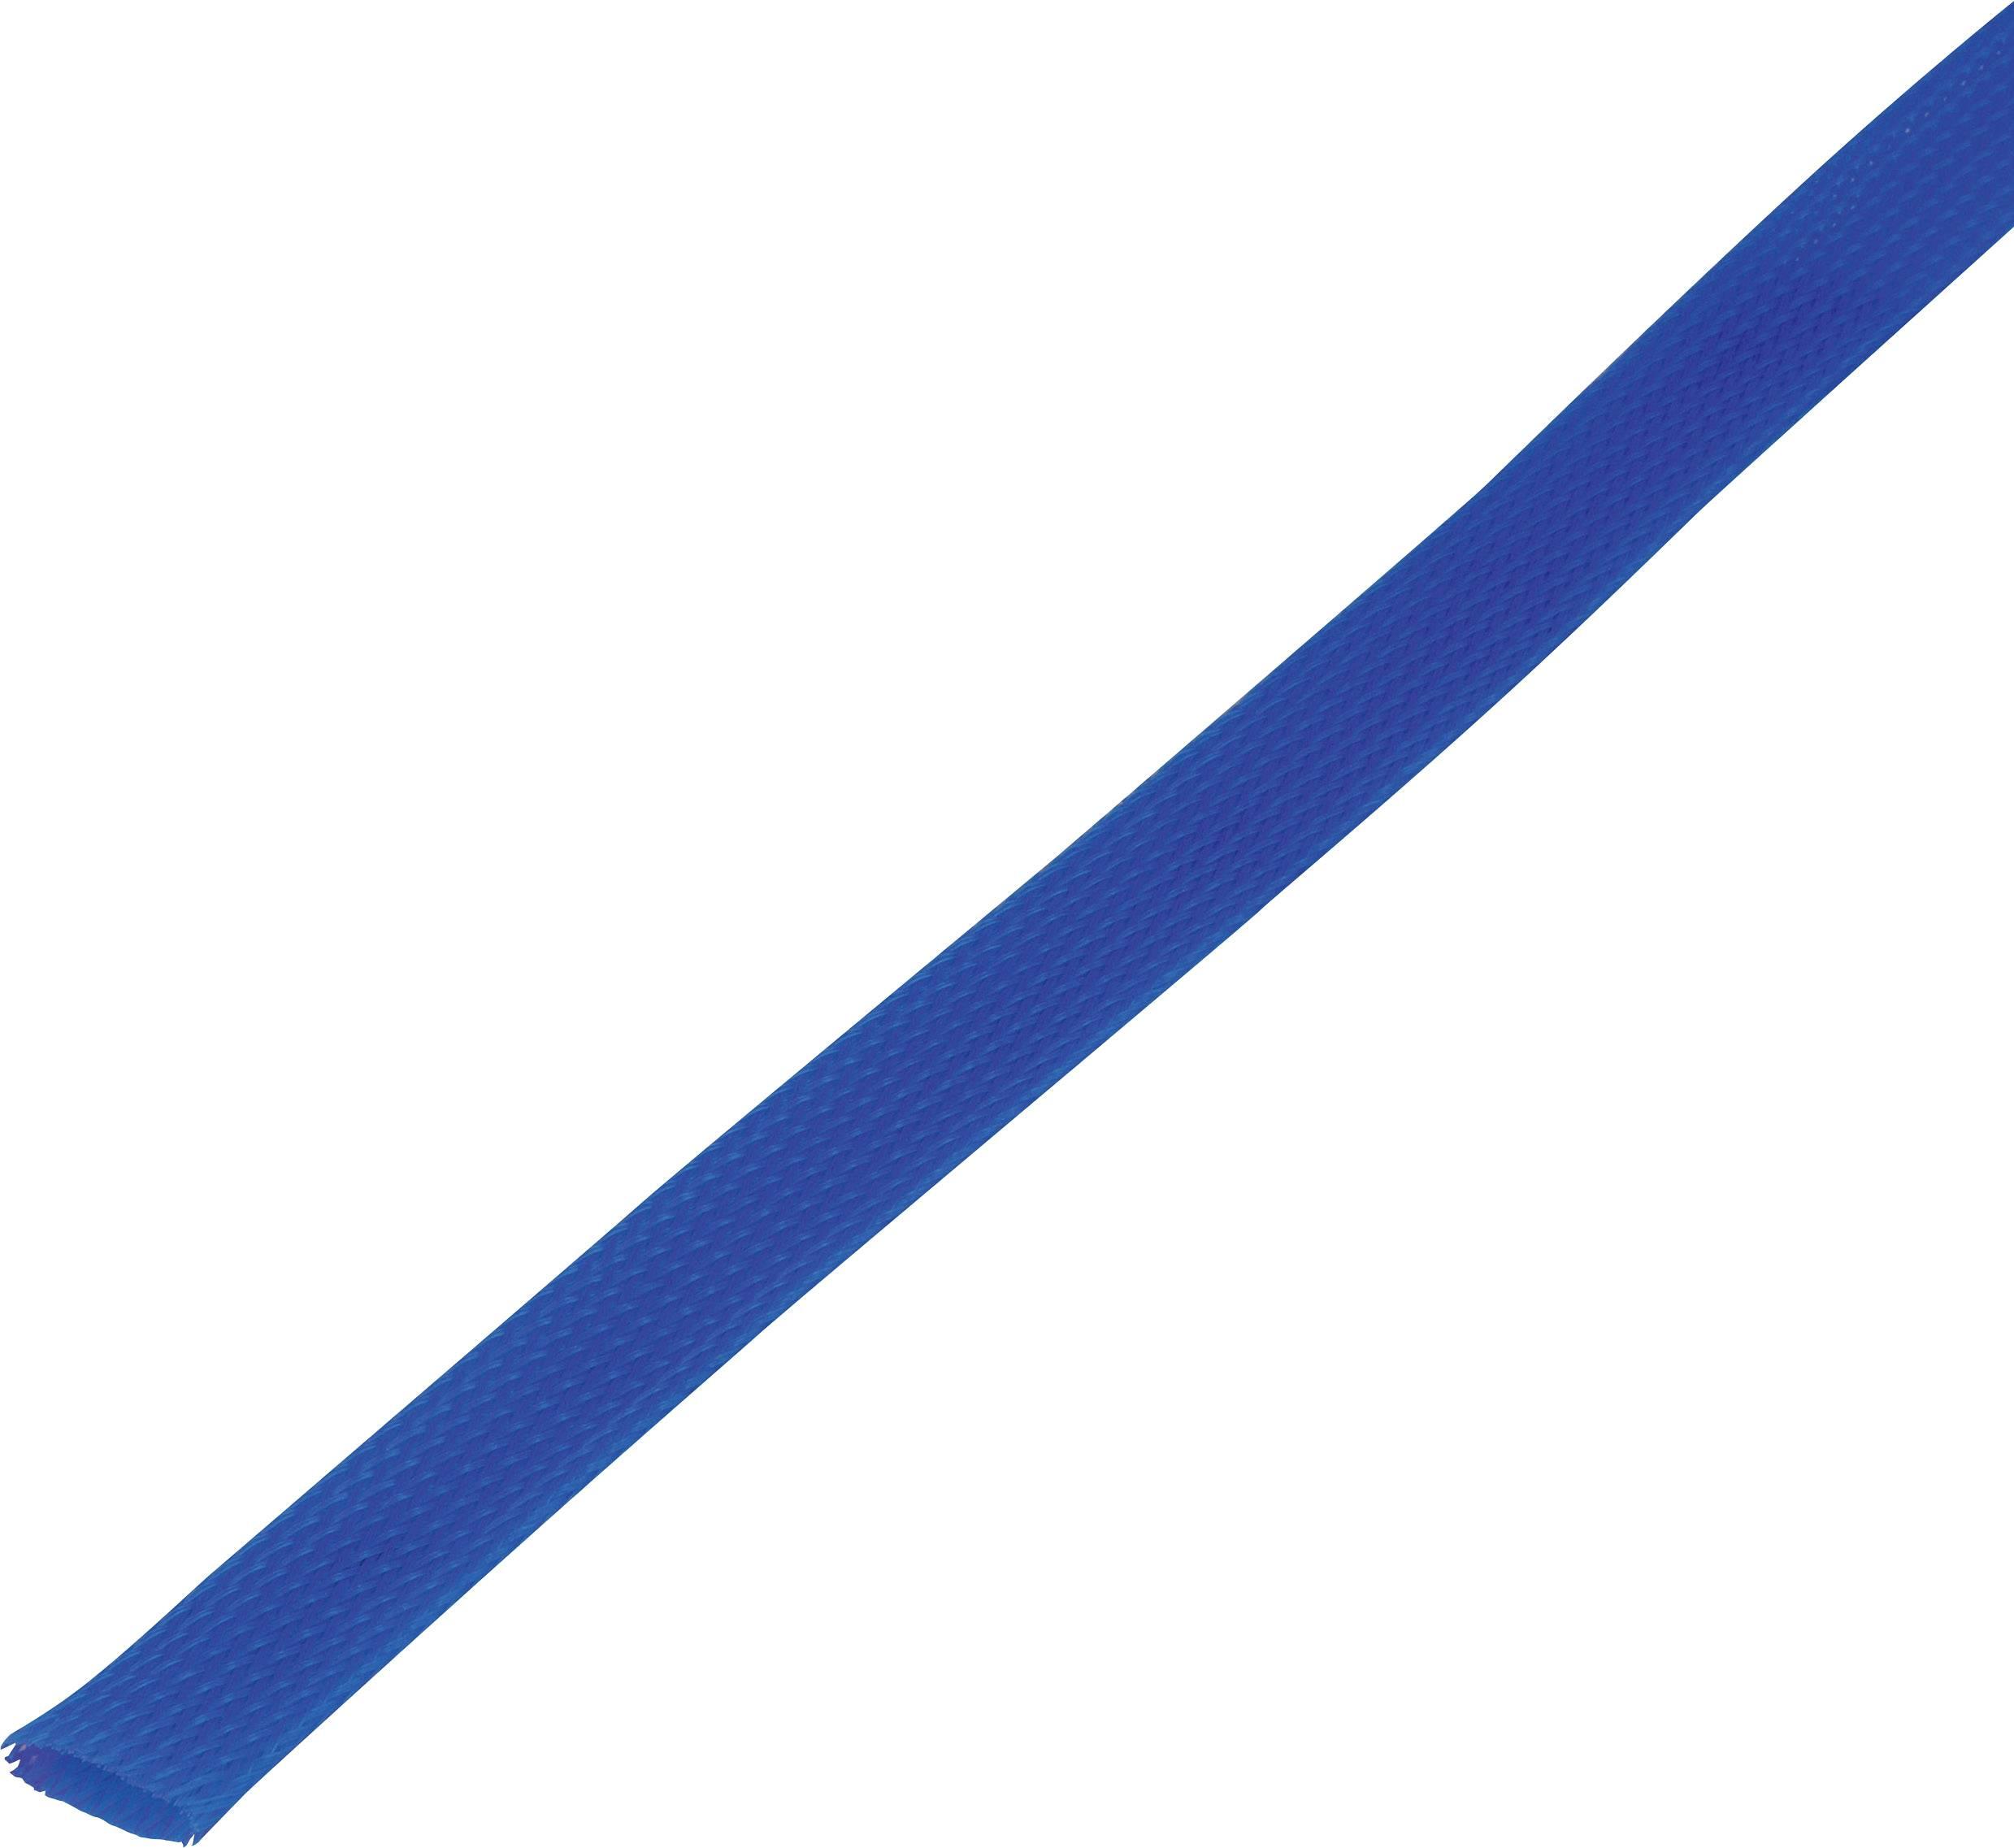 Ochranné opletenie CBBOX2534-BL Ø zväzku: 25 - 34 mm modrá 5 m